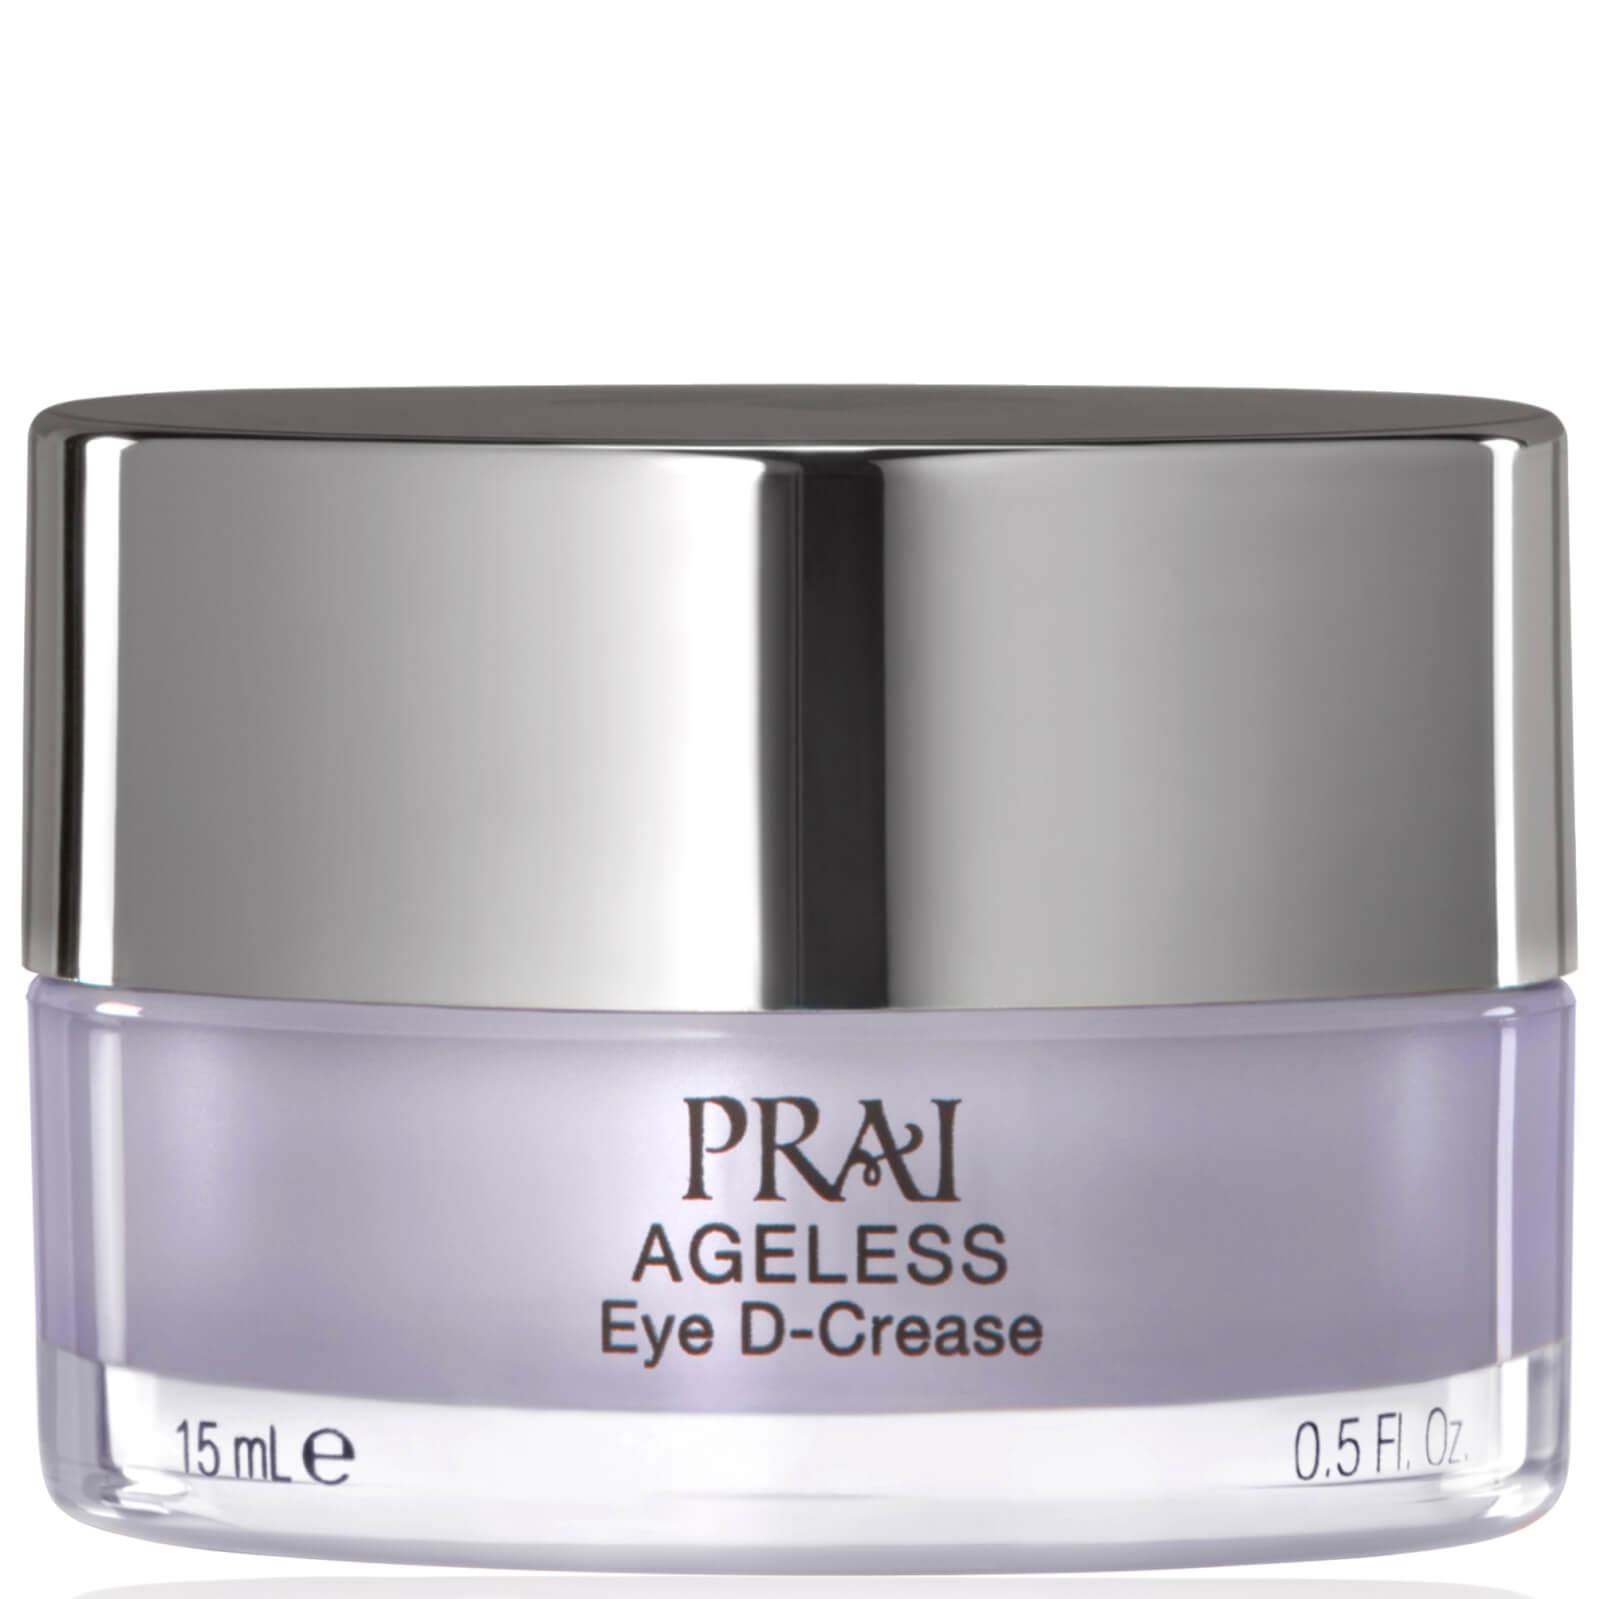 Купить Омолаживающий крем для кожи вокруг глаз против мелких морщин и гусиных лапок PRAI AGELESS Eye D-Crease Crème 15мл